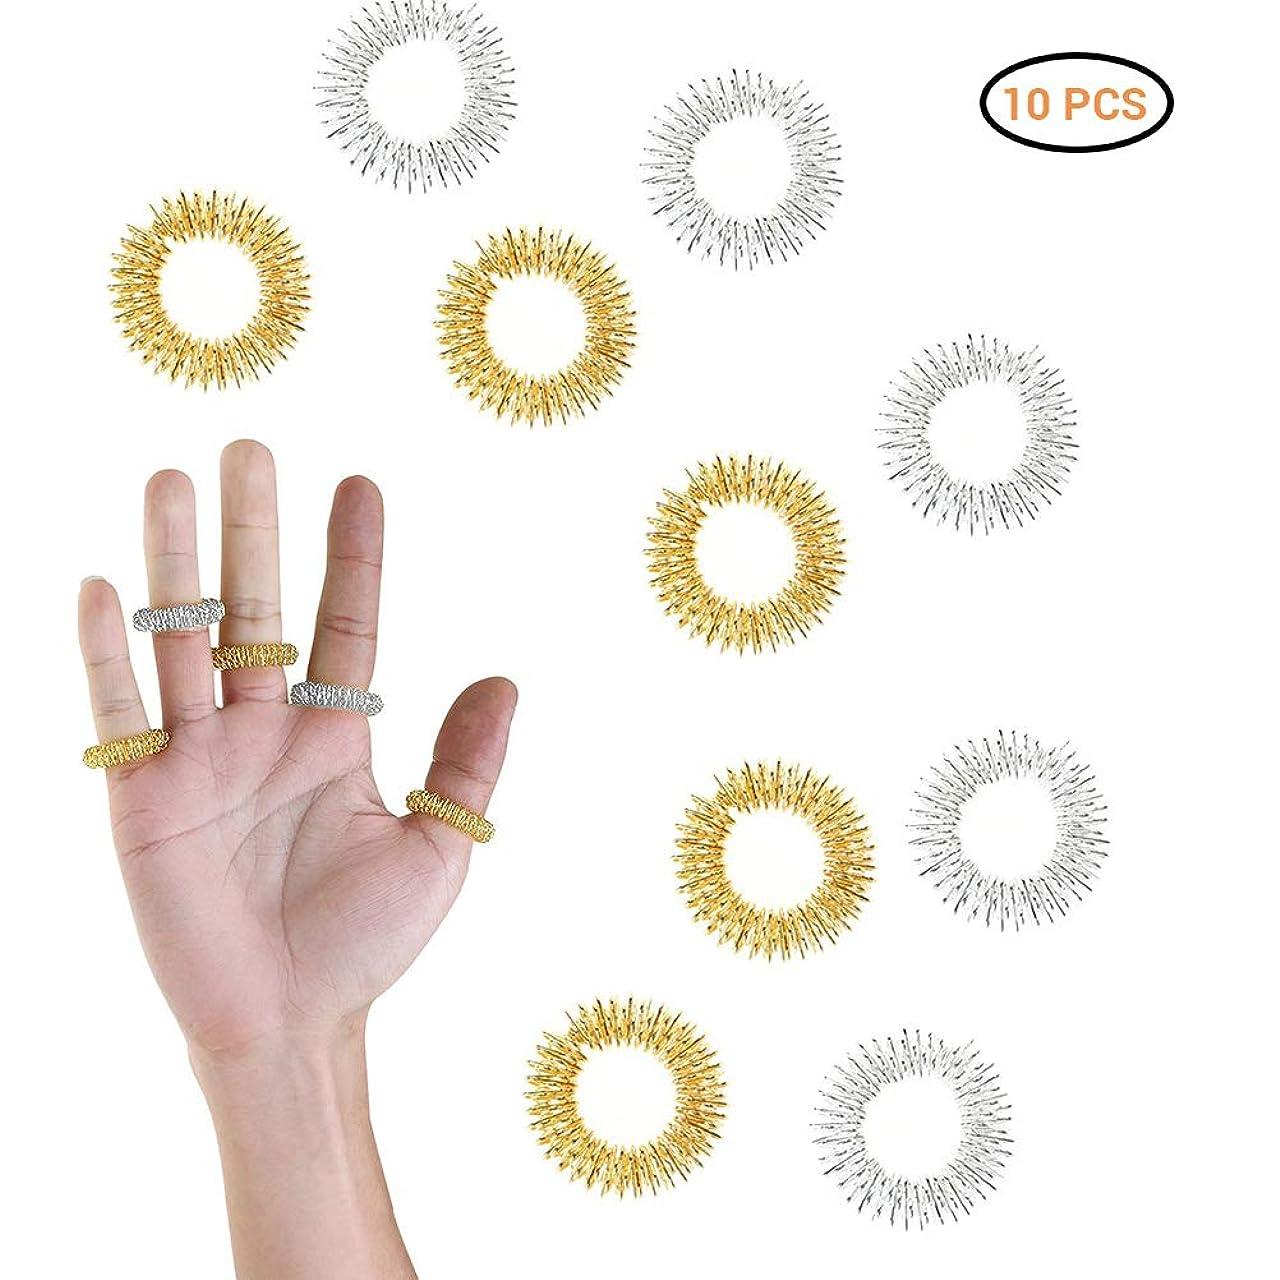 依存する否認する昇進Creacom マッサージ指輪 リング 10点セット 爪もみリング 血液循環促進 ストレス解消 リリース 筋肉緊張和らげ 携帯便利 使用簡単 お年寄り 男女兼用 プレゼント